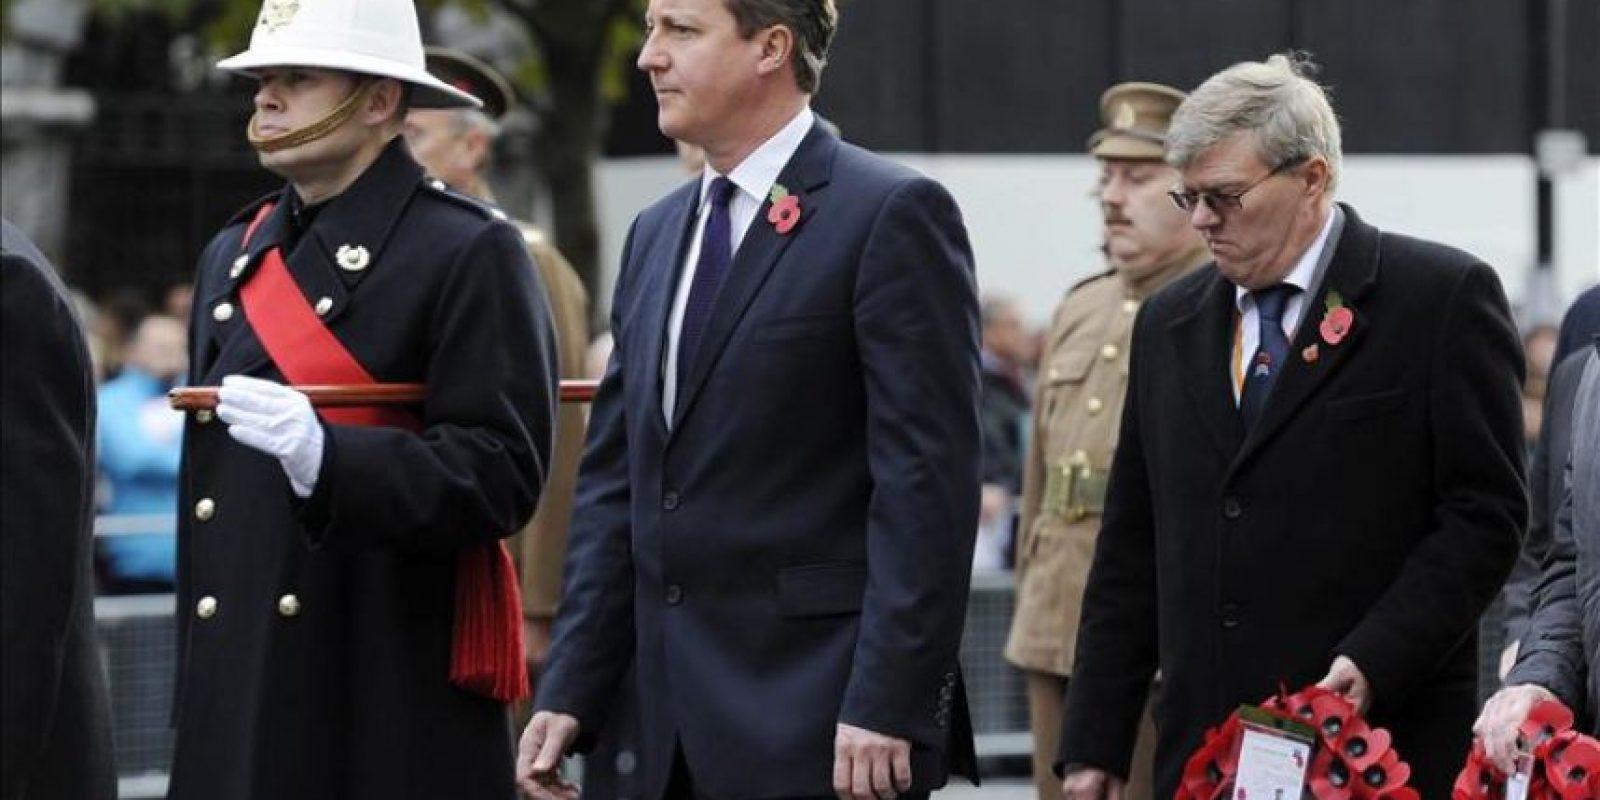 El primer ministro británico, David Cameron (3I), asiste a una de las ceremonias celebradas con motivo del Día del Armisticio en Londres (Reino Unido). EFE